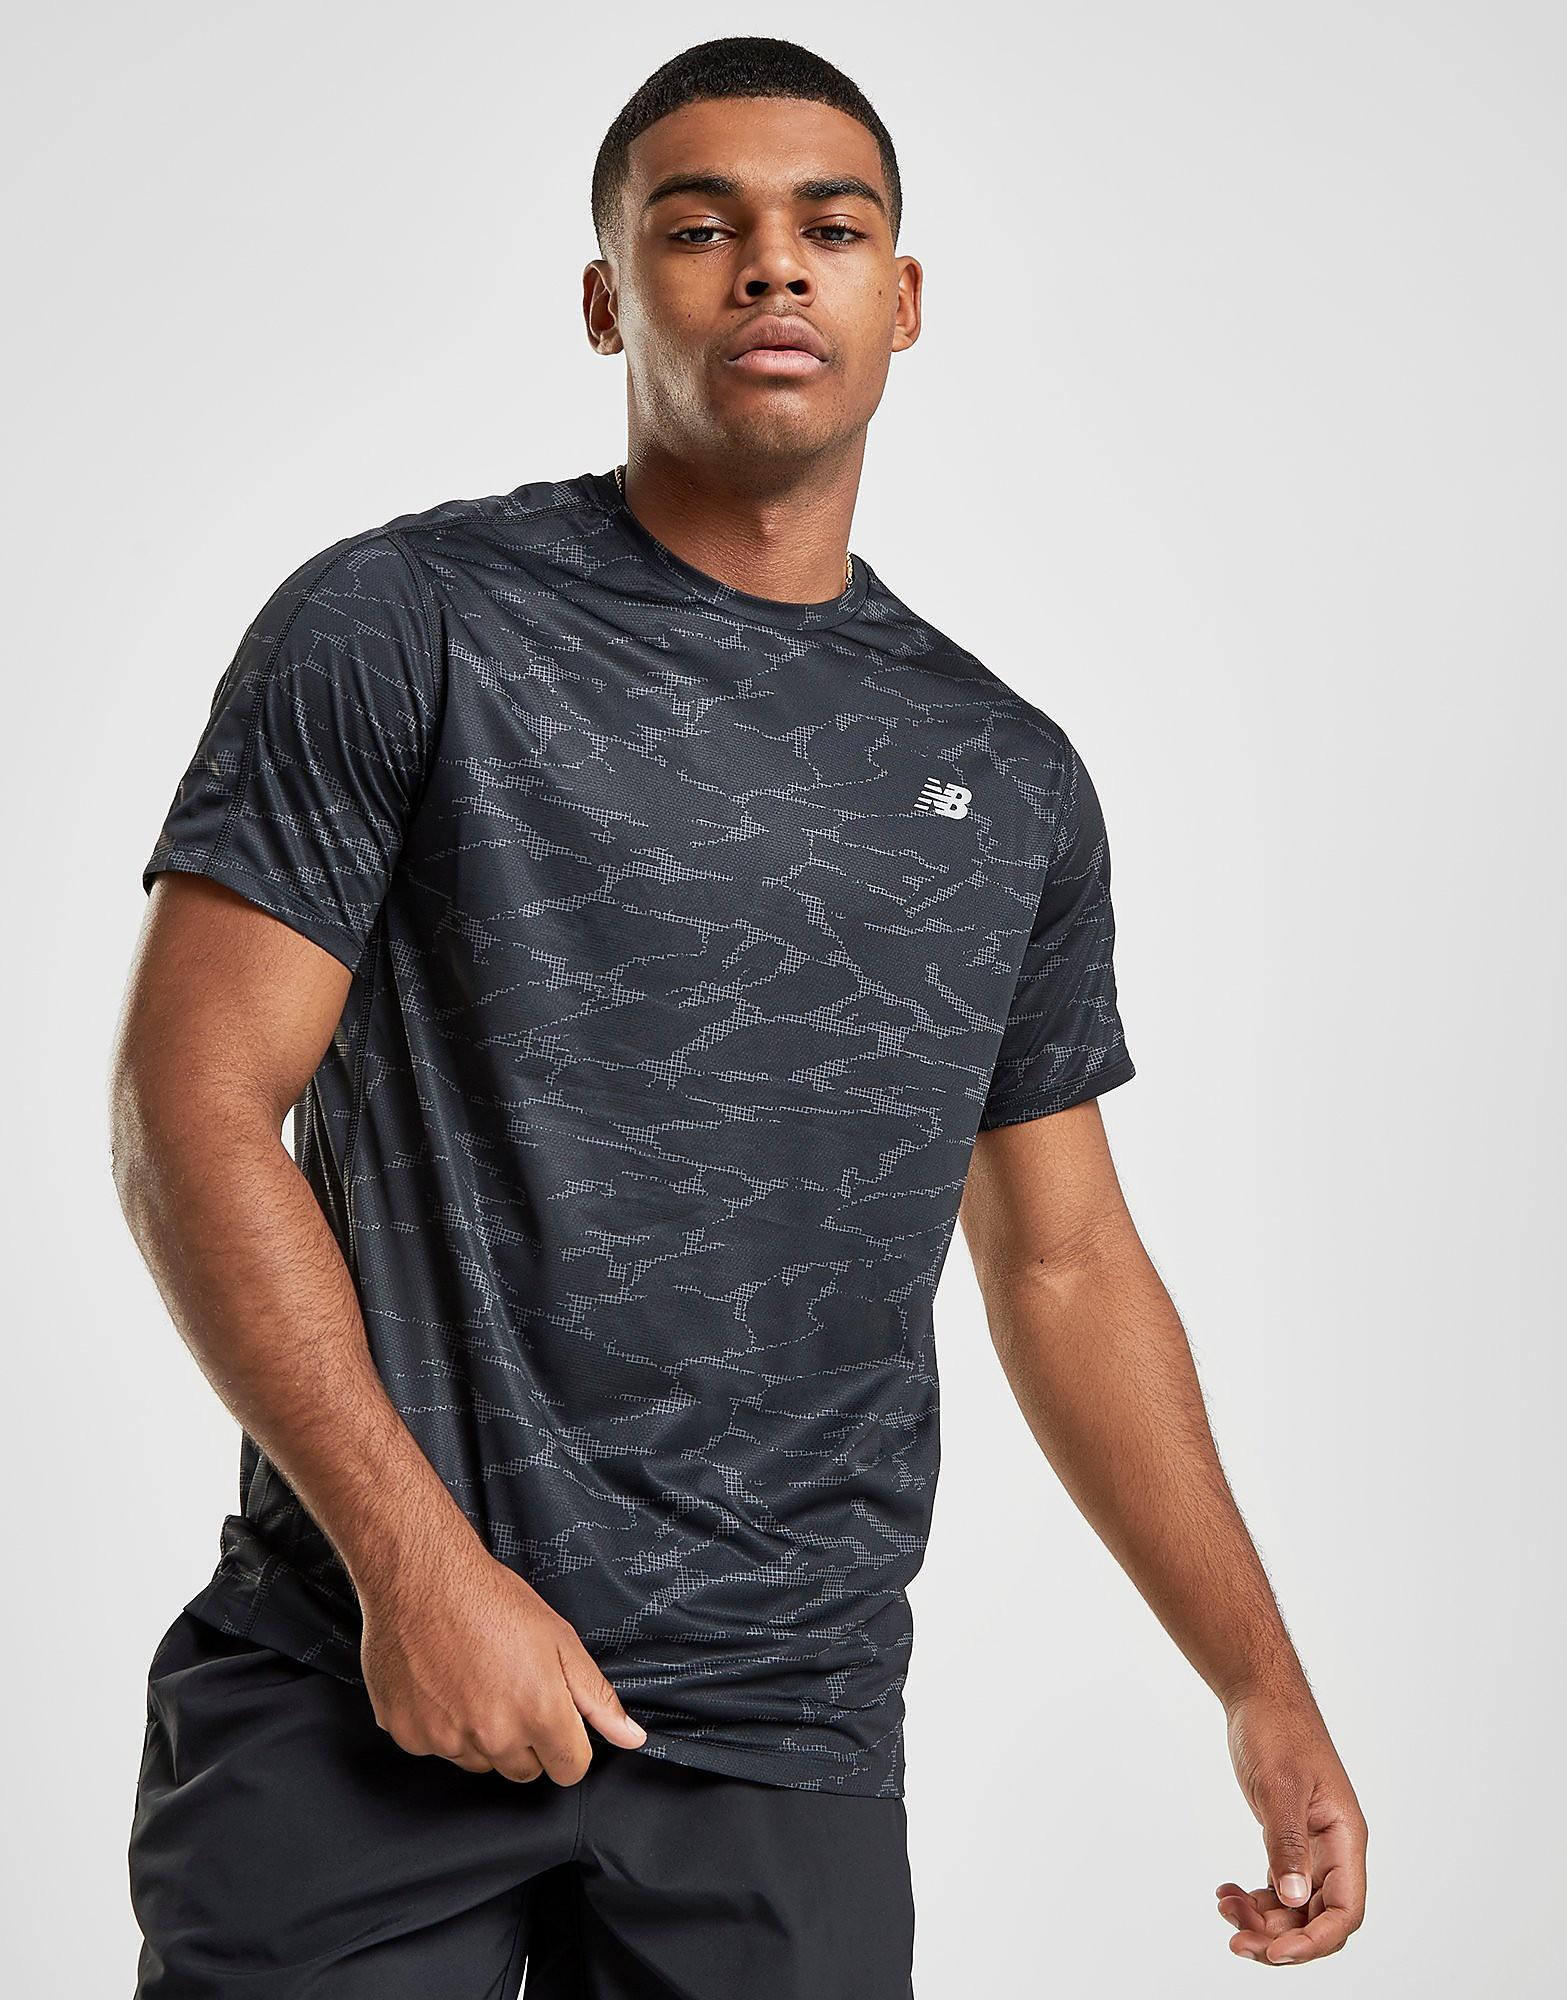 New Balance Accelerate All Over Print T-Shirt Heren - Zwart - Heren